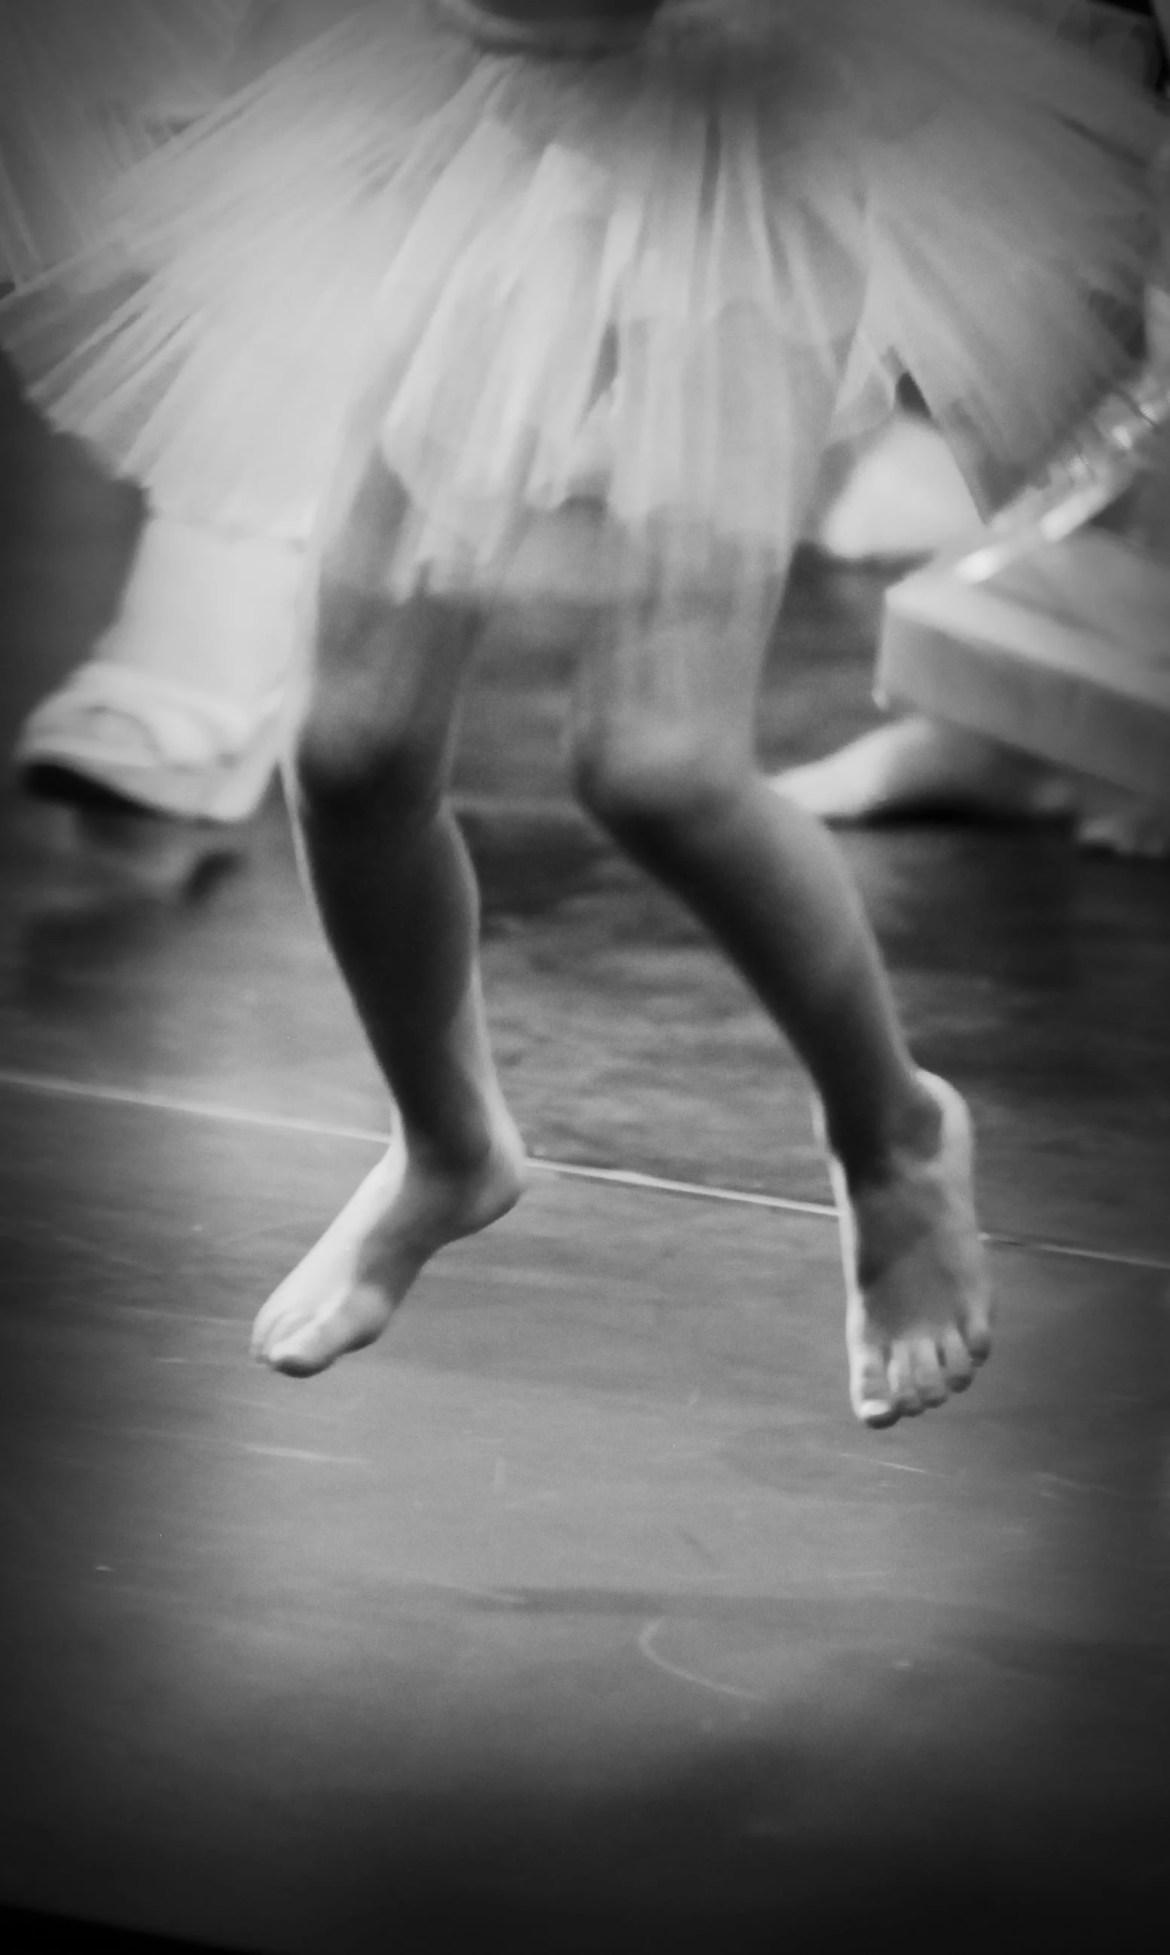 20150627 spectacle danse sylviechantelauze cournondauvergne mariejulliard 2015 240 - Arrêt[Culture]